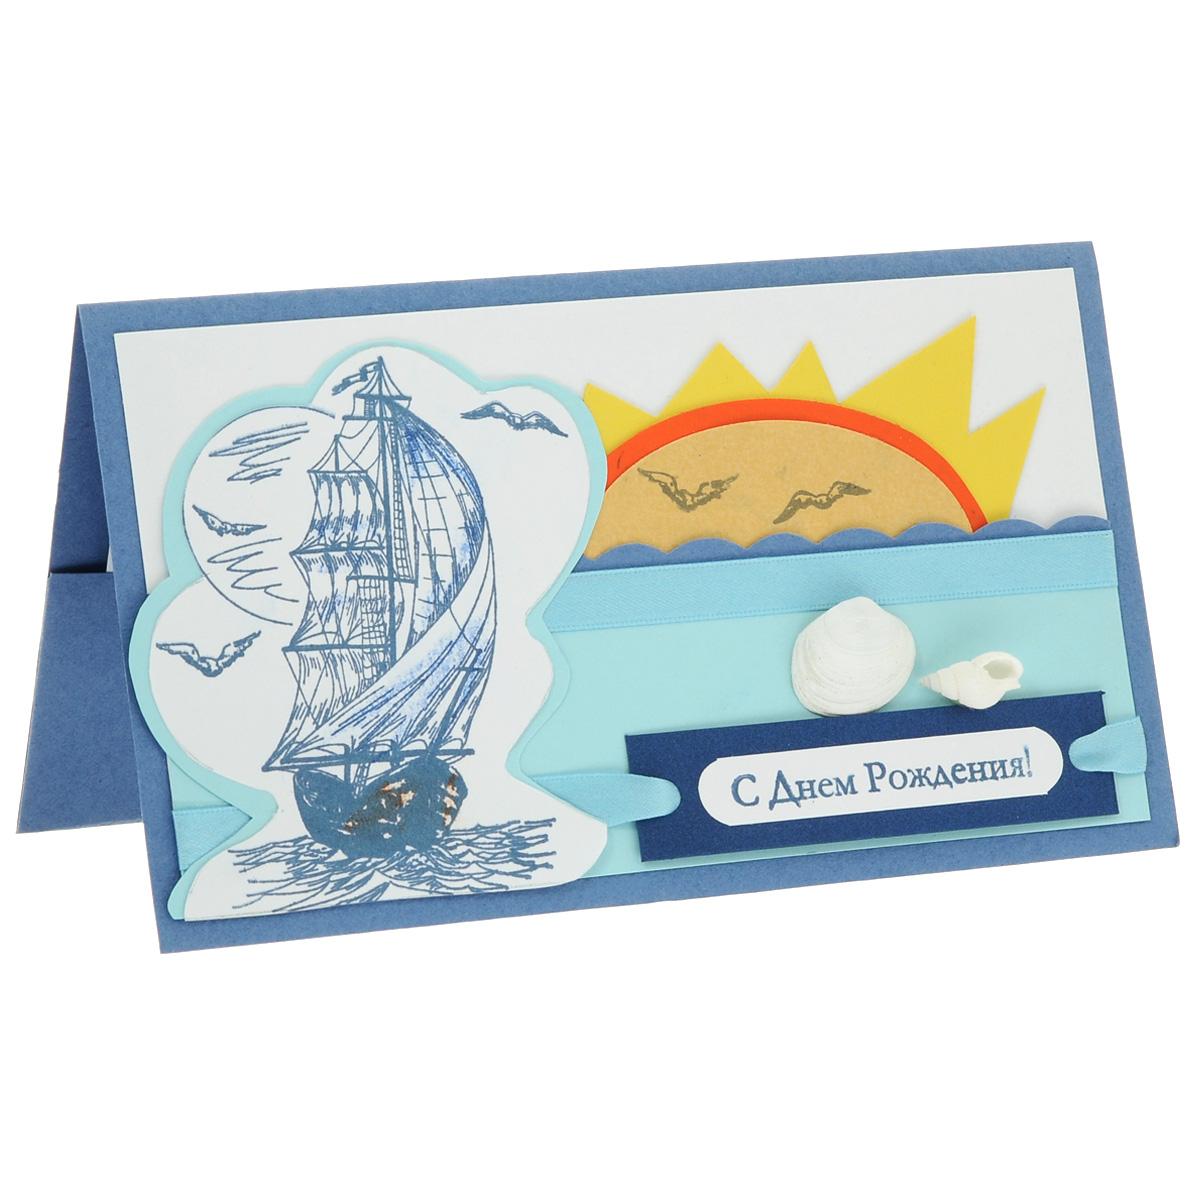 ОМ-0001 Открытка-конверт «С Днём Рождения!» (Парусник, бумажные волны). Студия «Тётя Роза»U0401-001-CBLХарактеристики: Размер 19 см x 11 см.Материал: Высоко-художественный картон, бумага, декор. Данная открытка может стать как прекрасным дополнением к вашему подарку, так и самостоятельным подарком. Так как открытка является и конвертом, в который вы можете вложить ваш денежный подарок или просто написать ваши пожелания на вкладыше. Открытка про море, солнце и попутный ветер, в расправленных парусах. В декоре использована тонкая атласная лента и настоящие морские ракушки. Также открытка упакована в пакетик для сохранности.Обращаем Ваше внимание на то, что открытка может незначительно отличаться от представленной на фото.Открытки ручной работы от студии Тётя Роза отличаются своим неповторимым и ярким стилем. Каждая уникальна и выполнена вручную мастерами студии. (Открытка для мужчин, открытка для женщины, открытка на день рождения, открытка с днем свадьбы, открытка винтаж, открытка с юбилеем, открытка на все случаи, скрапбукинг)